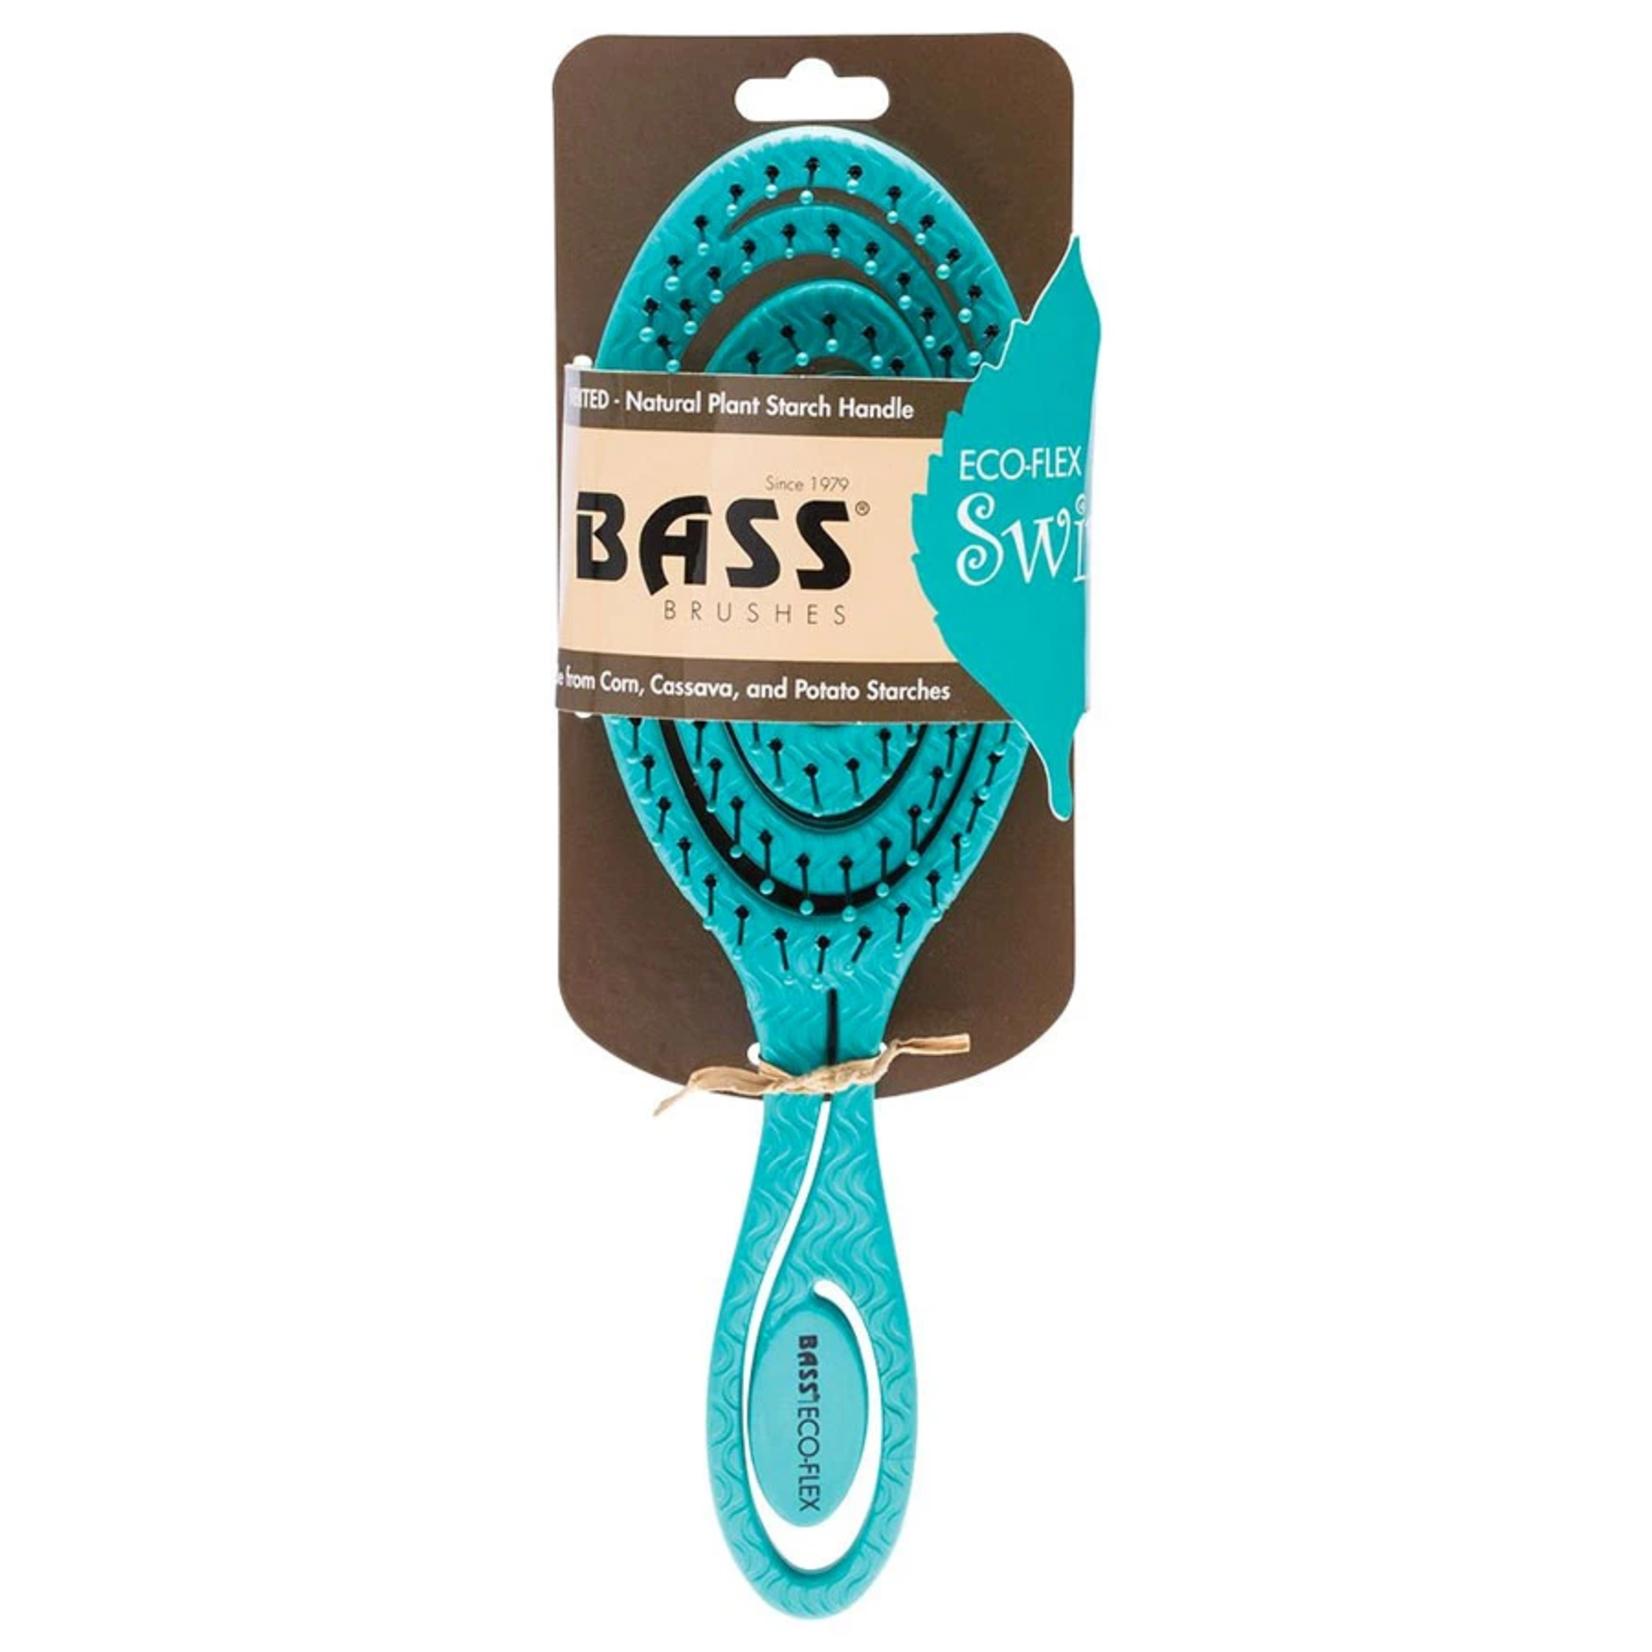 Bass Bass Eco Flex Detangler